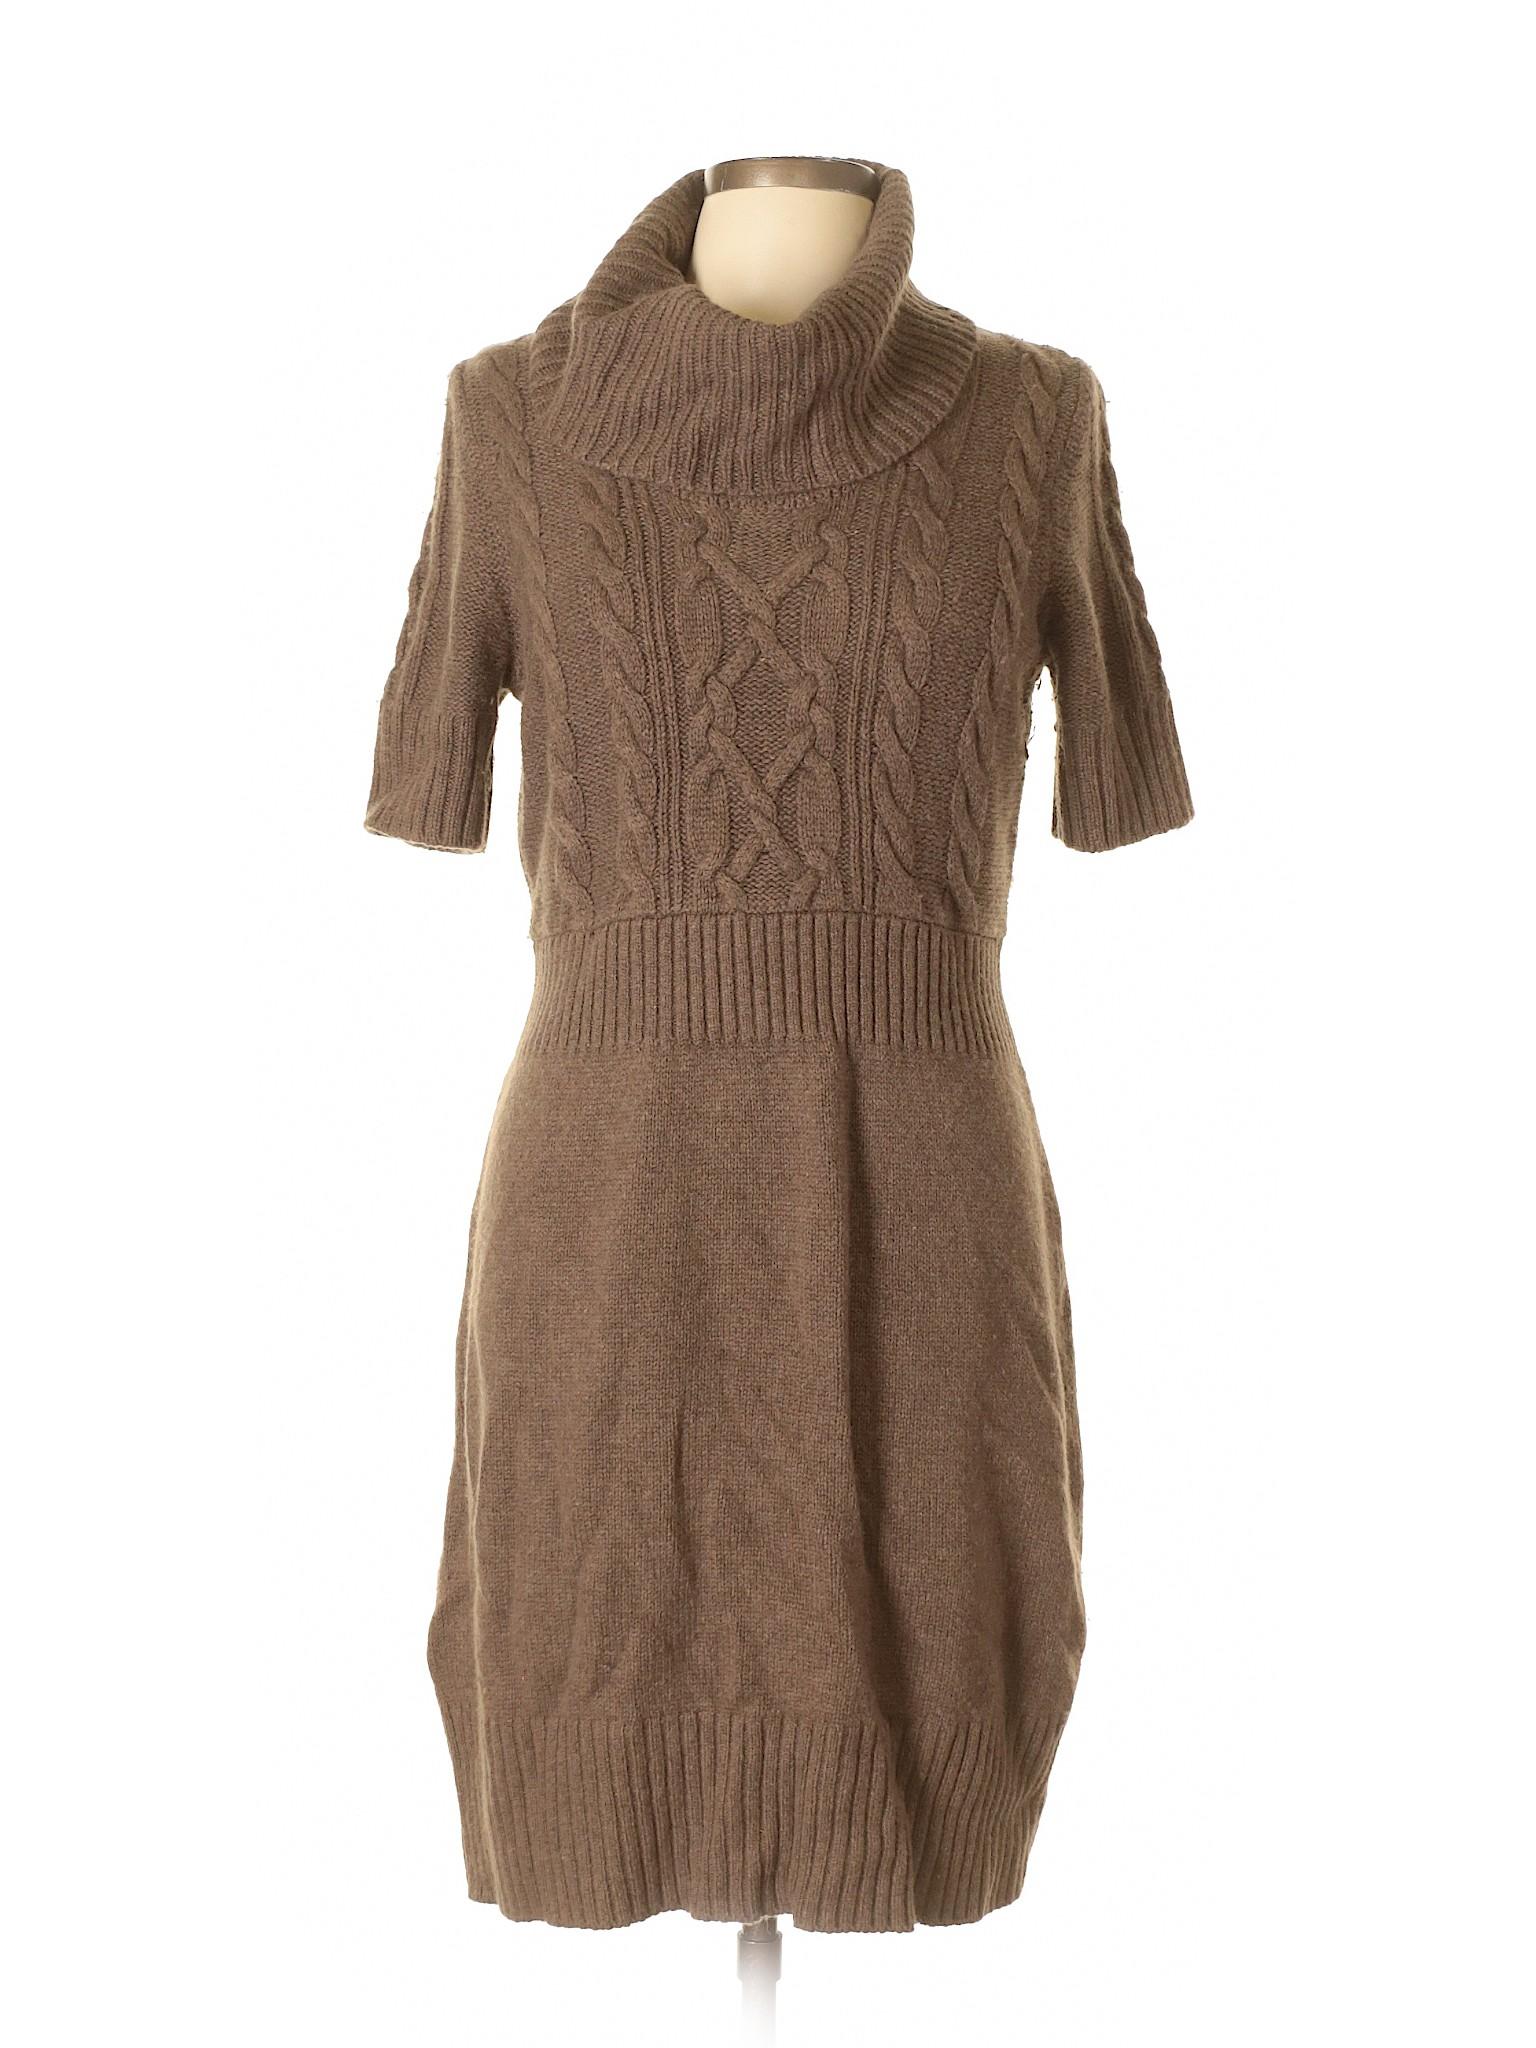 winter Boutique Taylor Dress LOFT Ann Casual fwqdFw48x